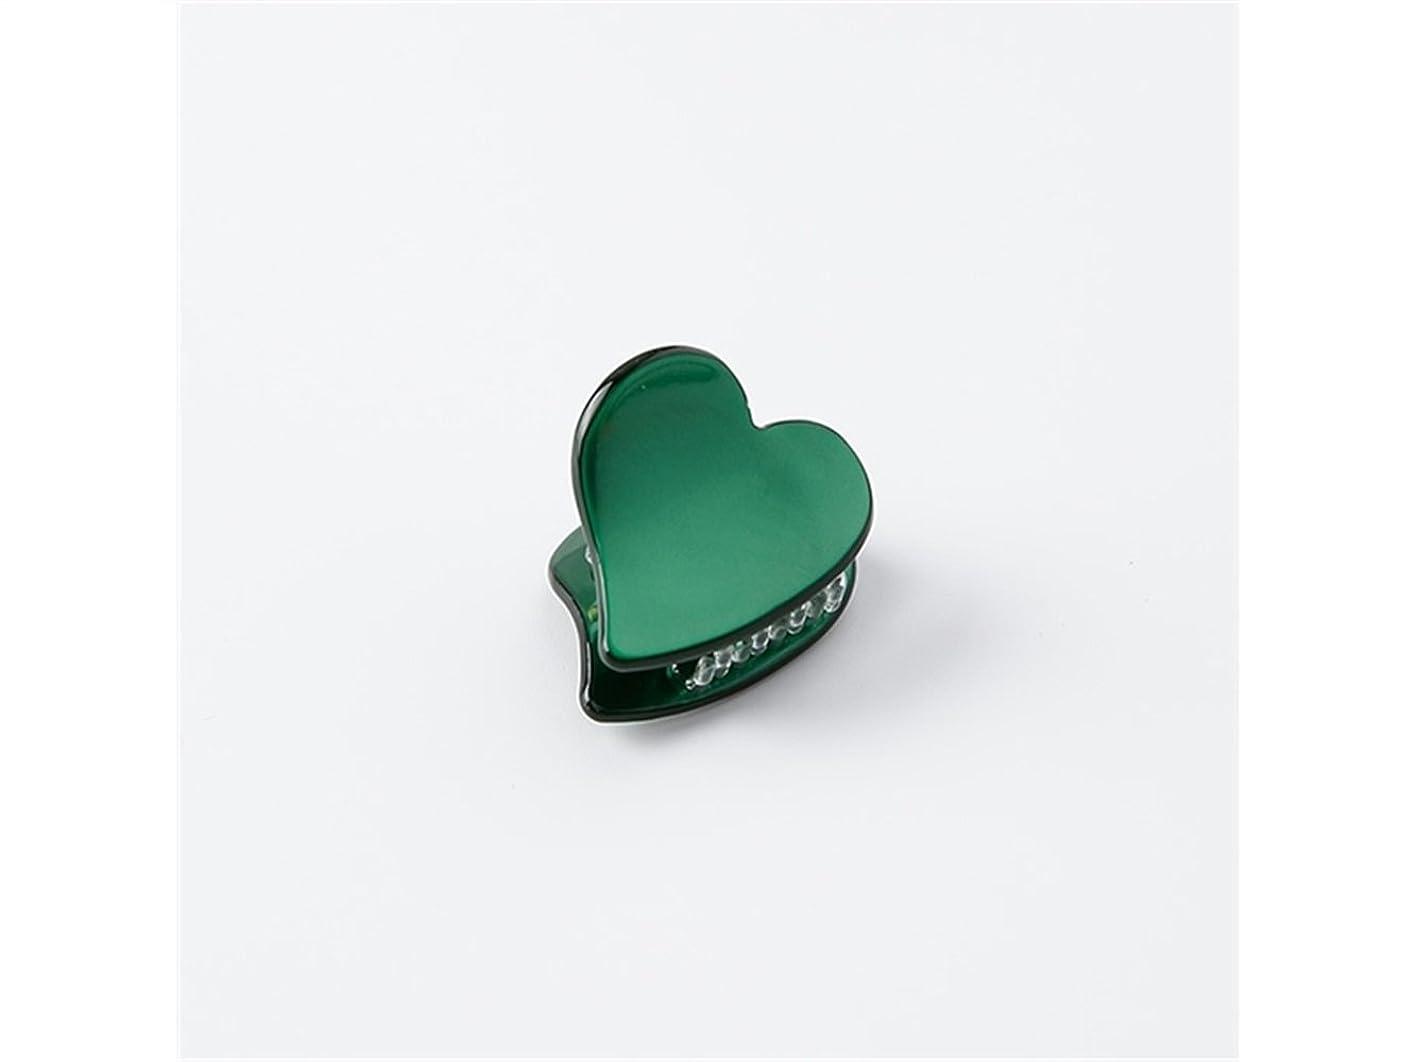 くちばし申請中うまOsize 美しいスタイル ラブハート型ミニ爪クリップミニジョークリップヘアアクセサリー(ダークグリーン)